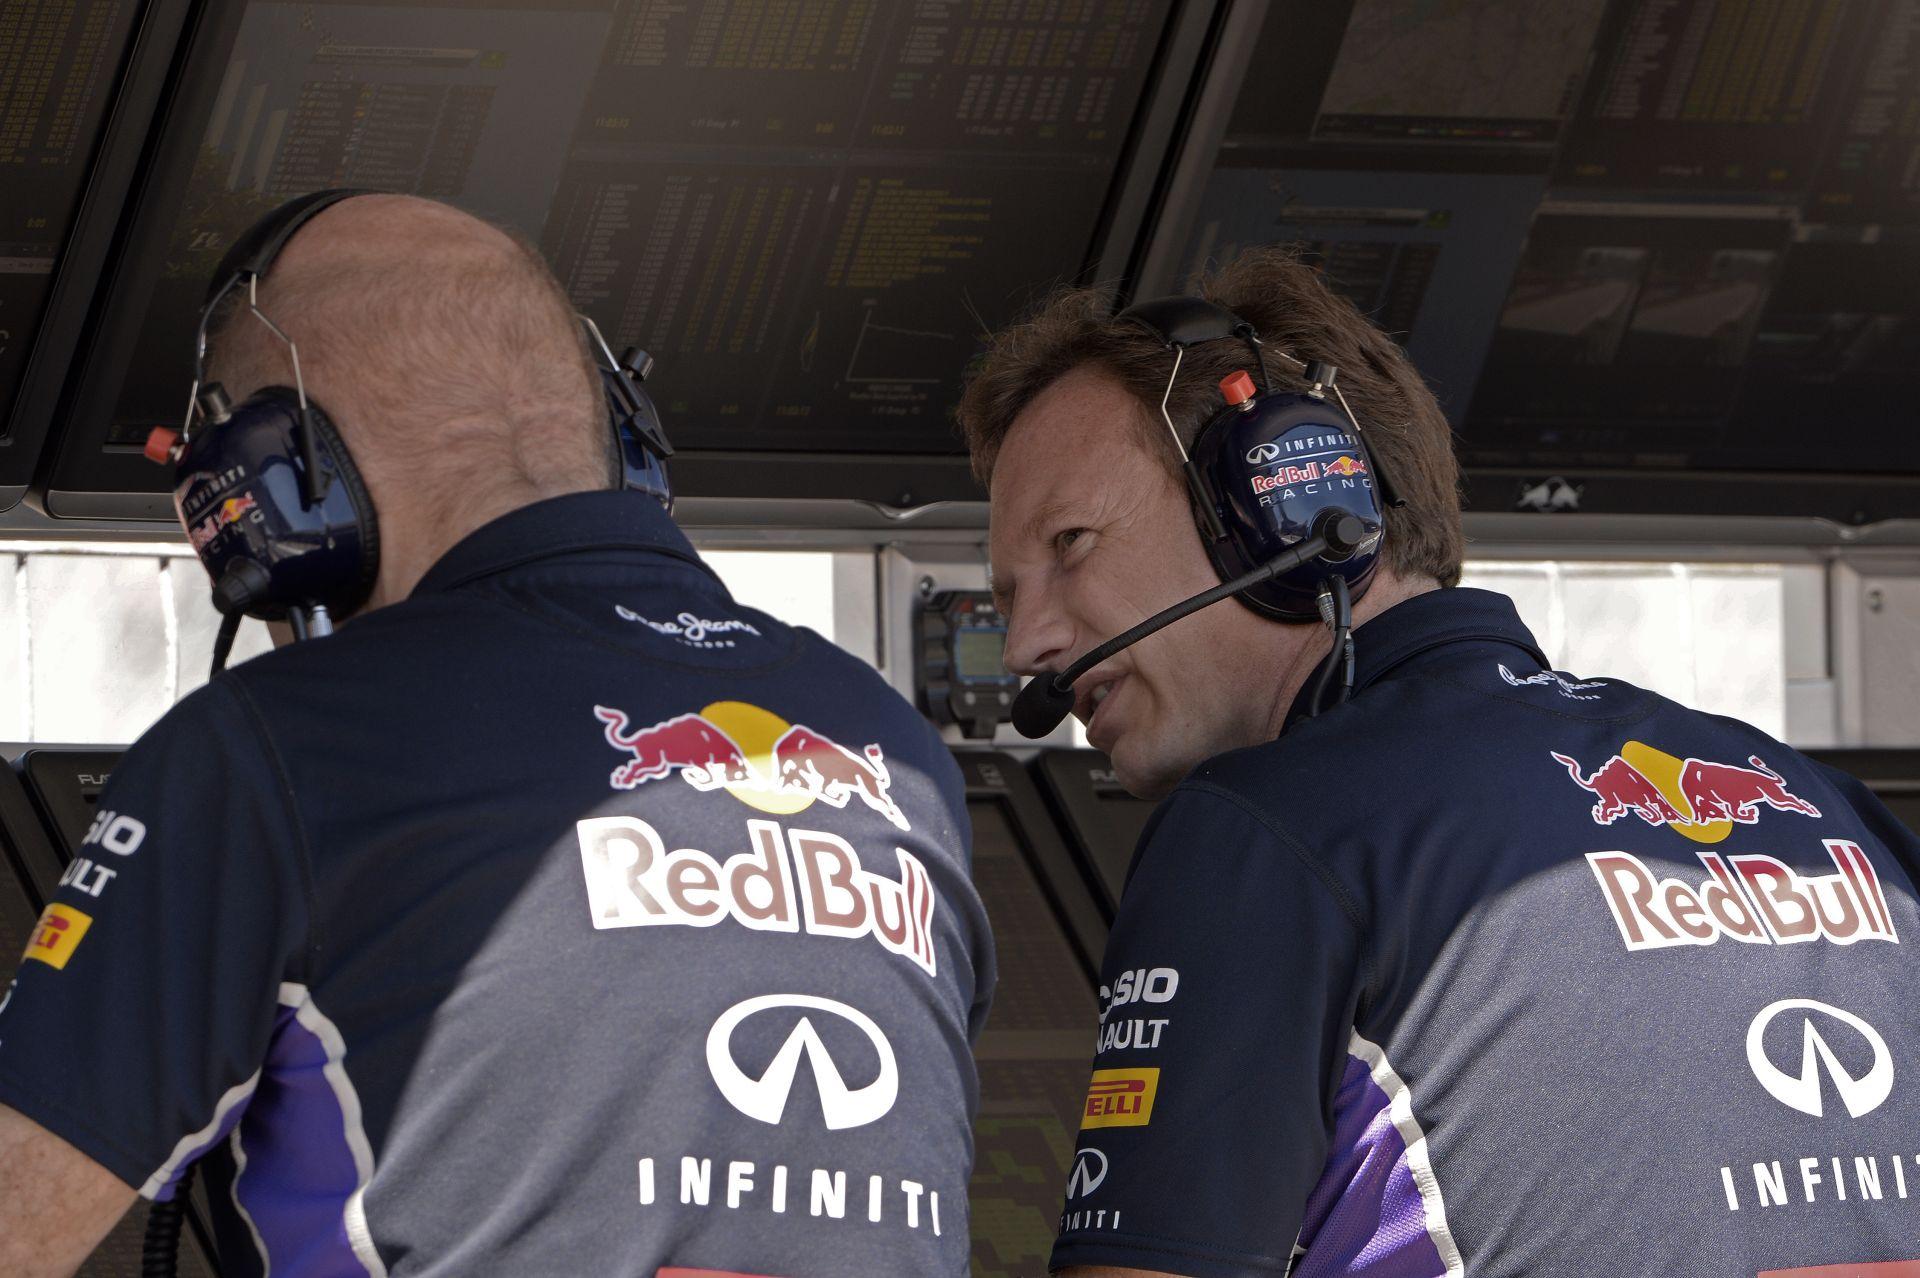 Szép lassan a Red Bull is lemond a bajnoki címről